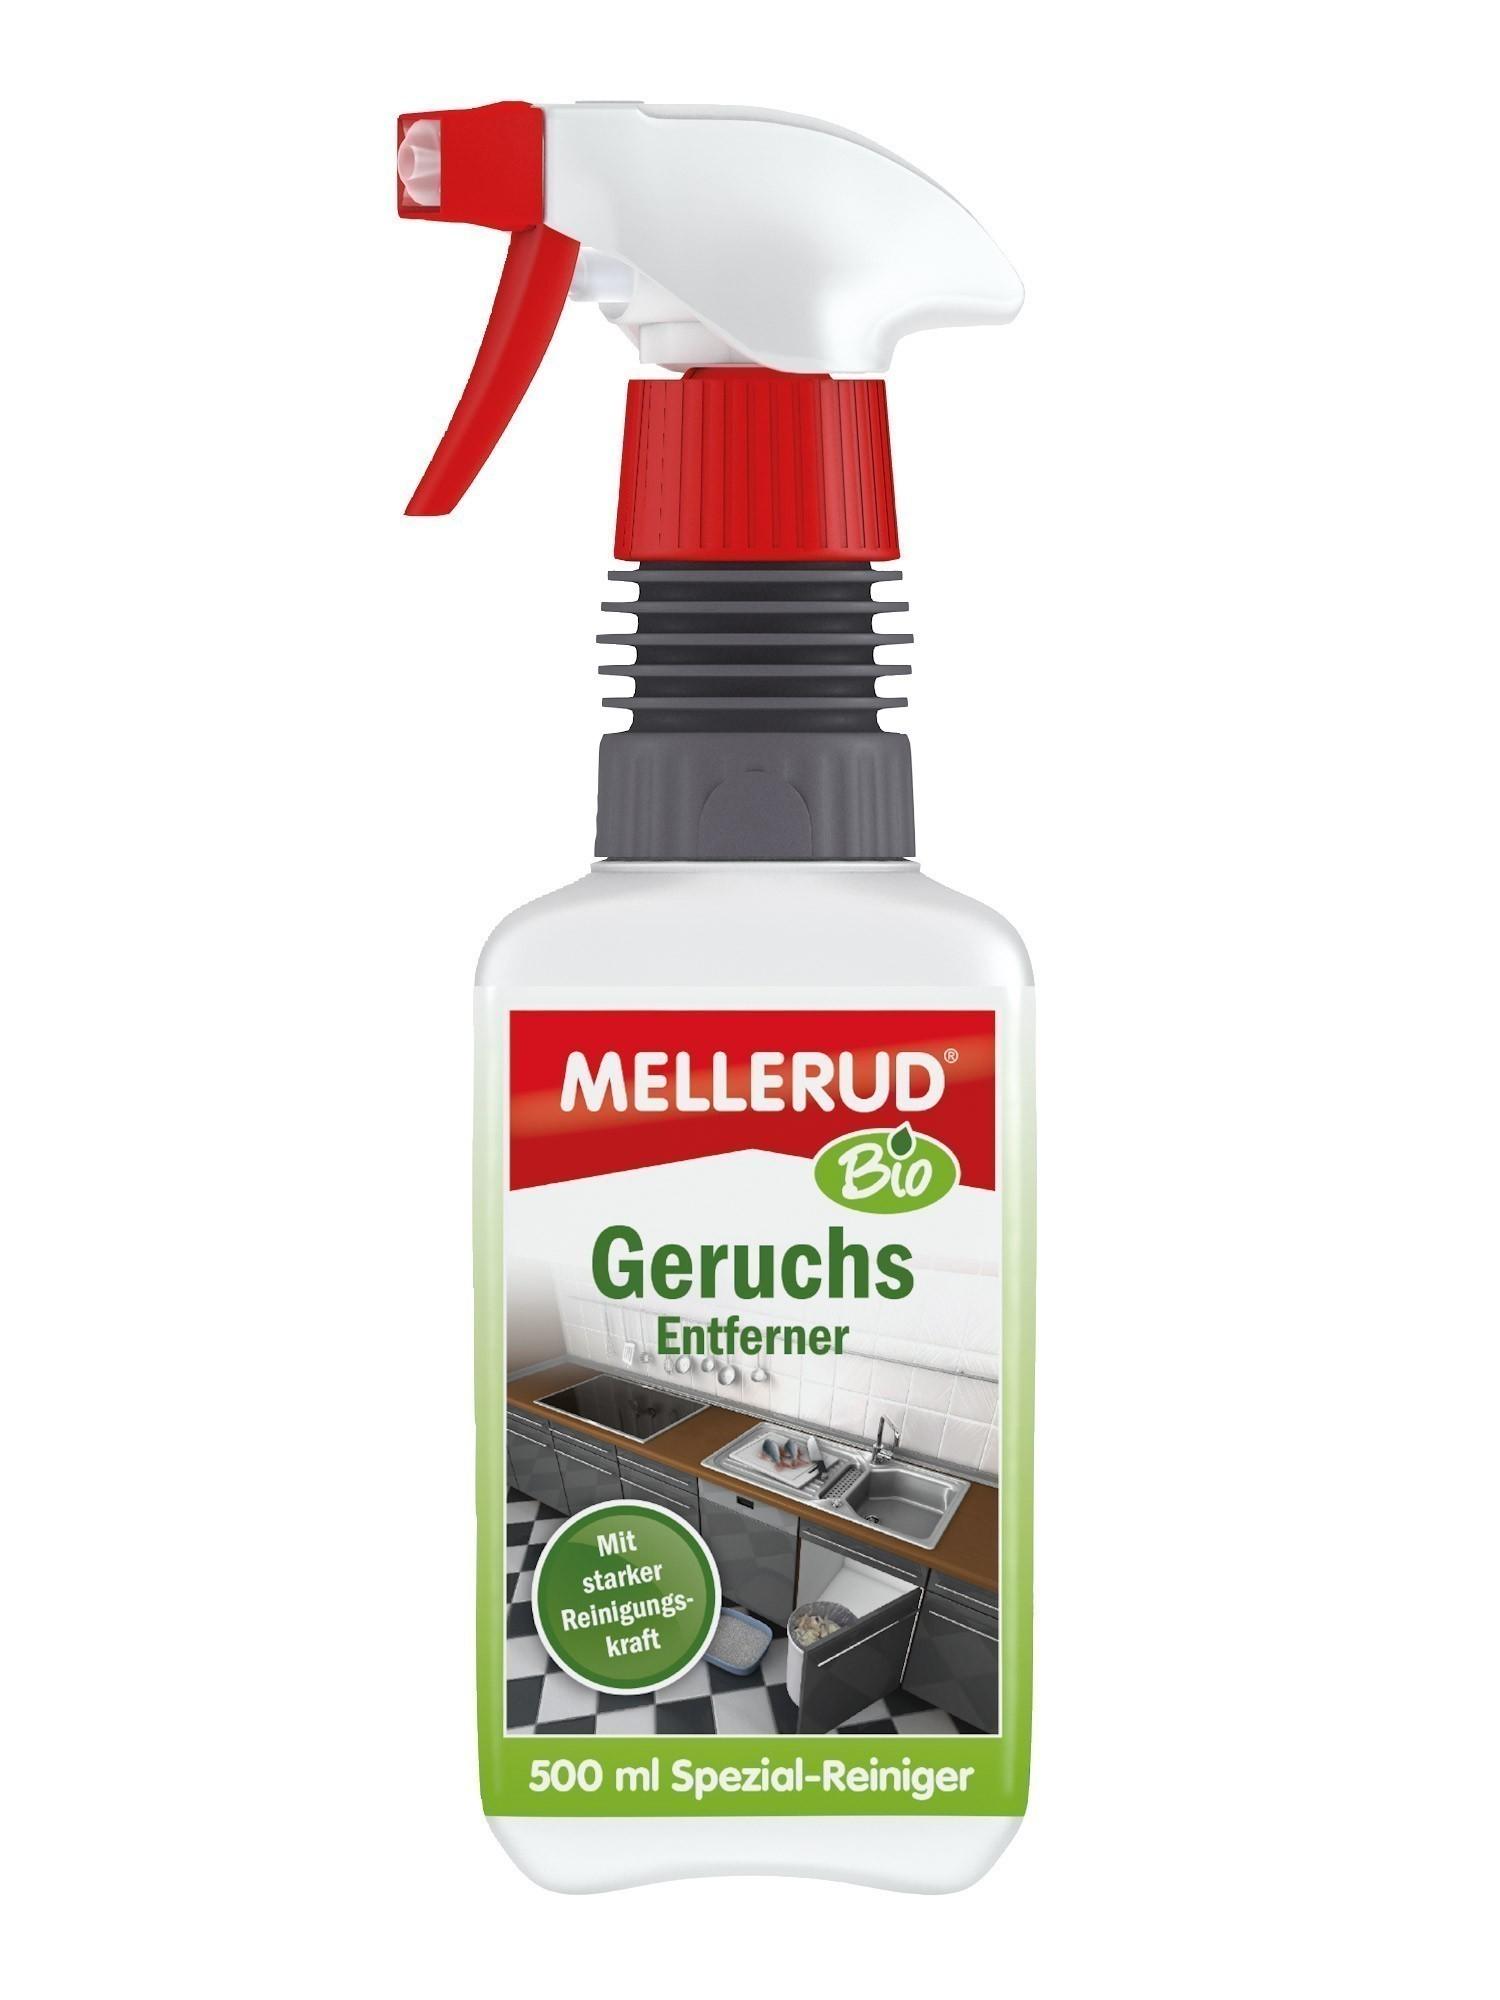 MELLERUD BIO Geruchs Entferner 0,5 Liter Bild 1